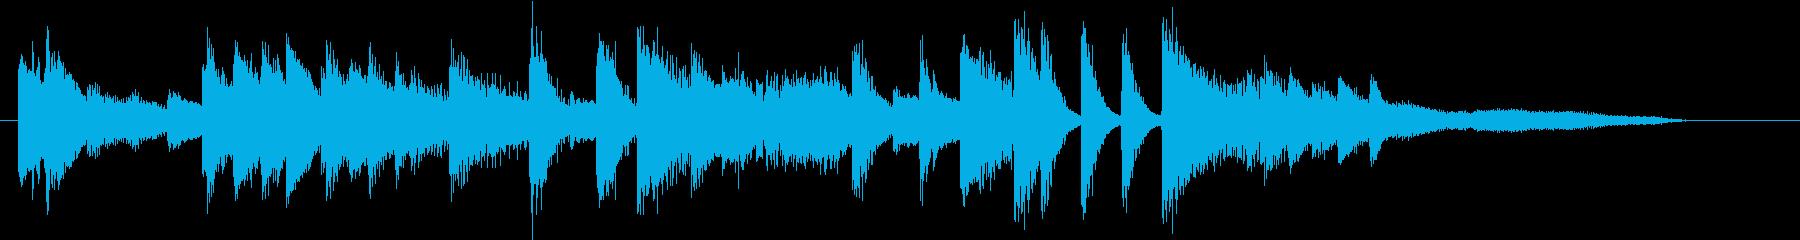 お正月・春の海モチーフのピアノジングルIの再生済みの波形